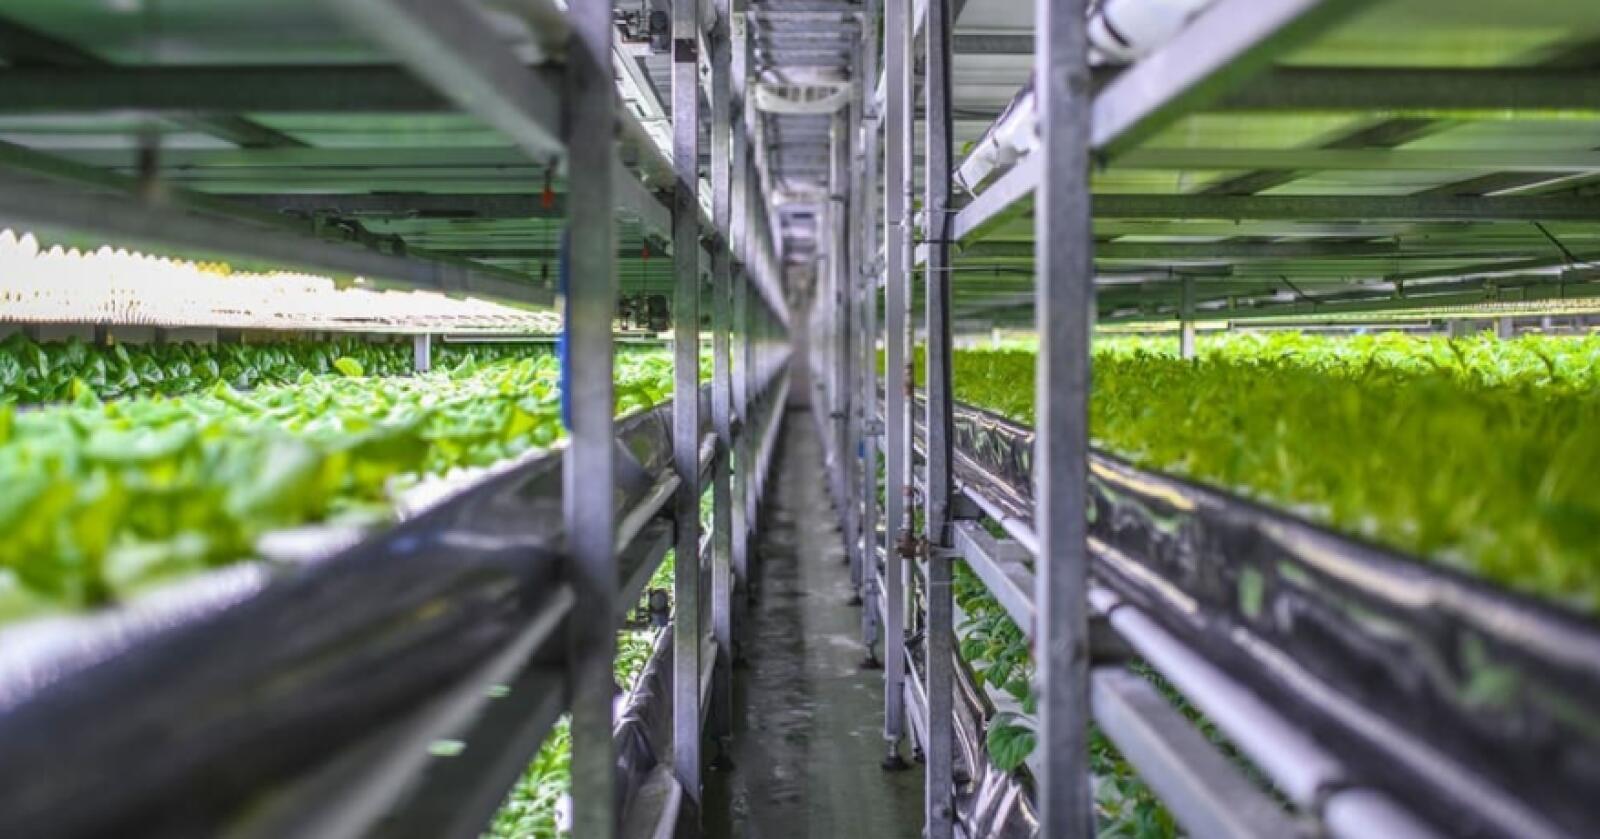 Hydroponisk: Oppstartsbedriften Nordic Harvest driver hydroponisk og dyrker grønnsakene i en gelebasert næringsløsning i stedet for jord. Foto: Nordic Harvest